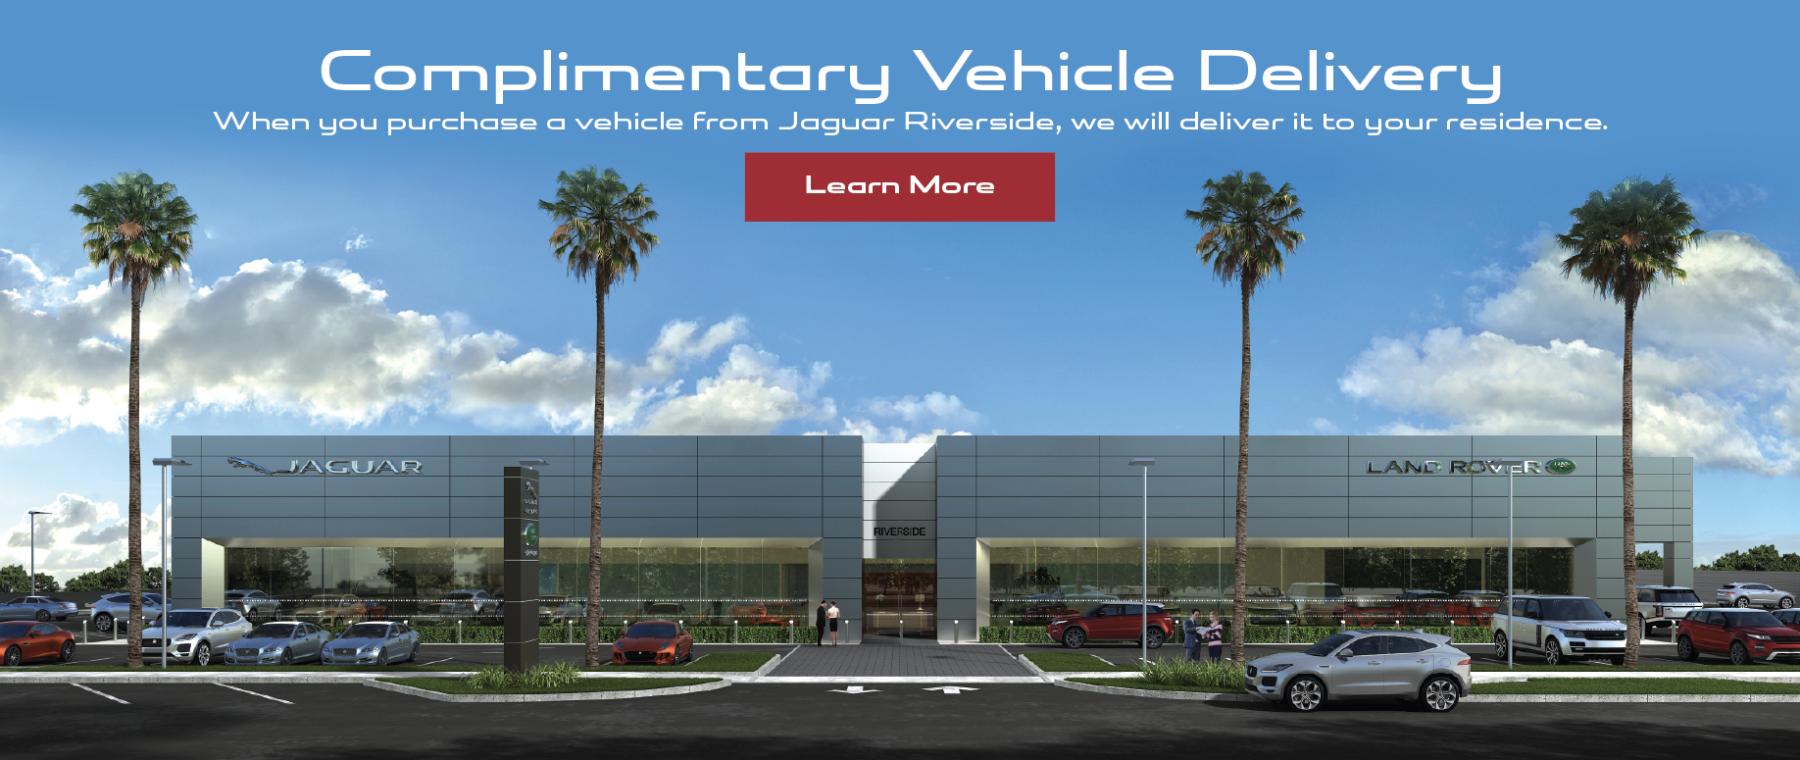 Jaguar Riverside Dealership Car Delivery